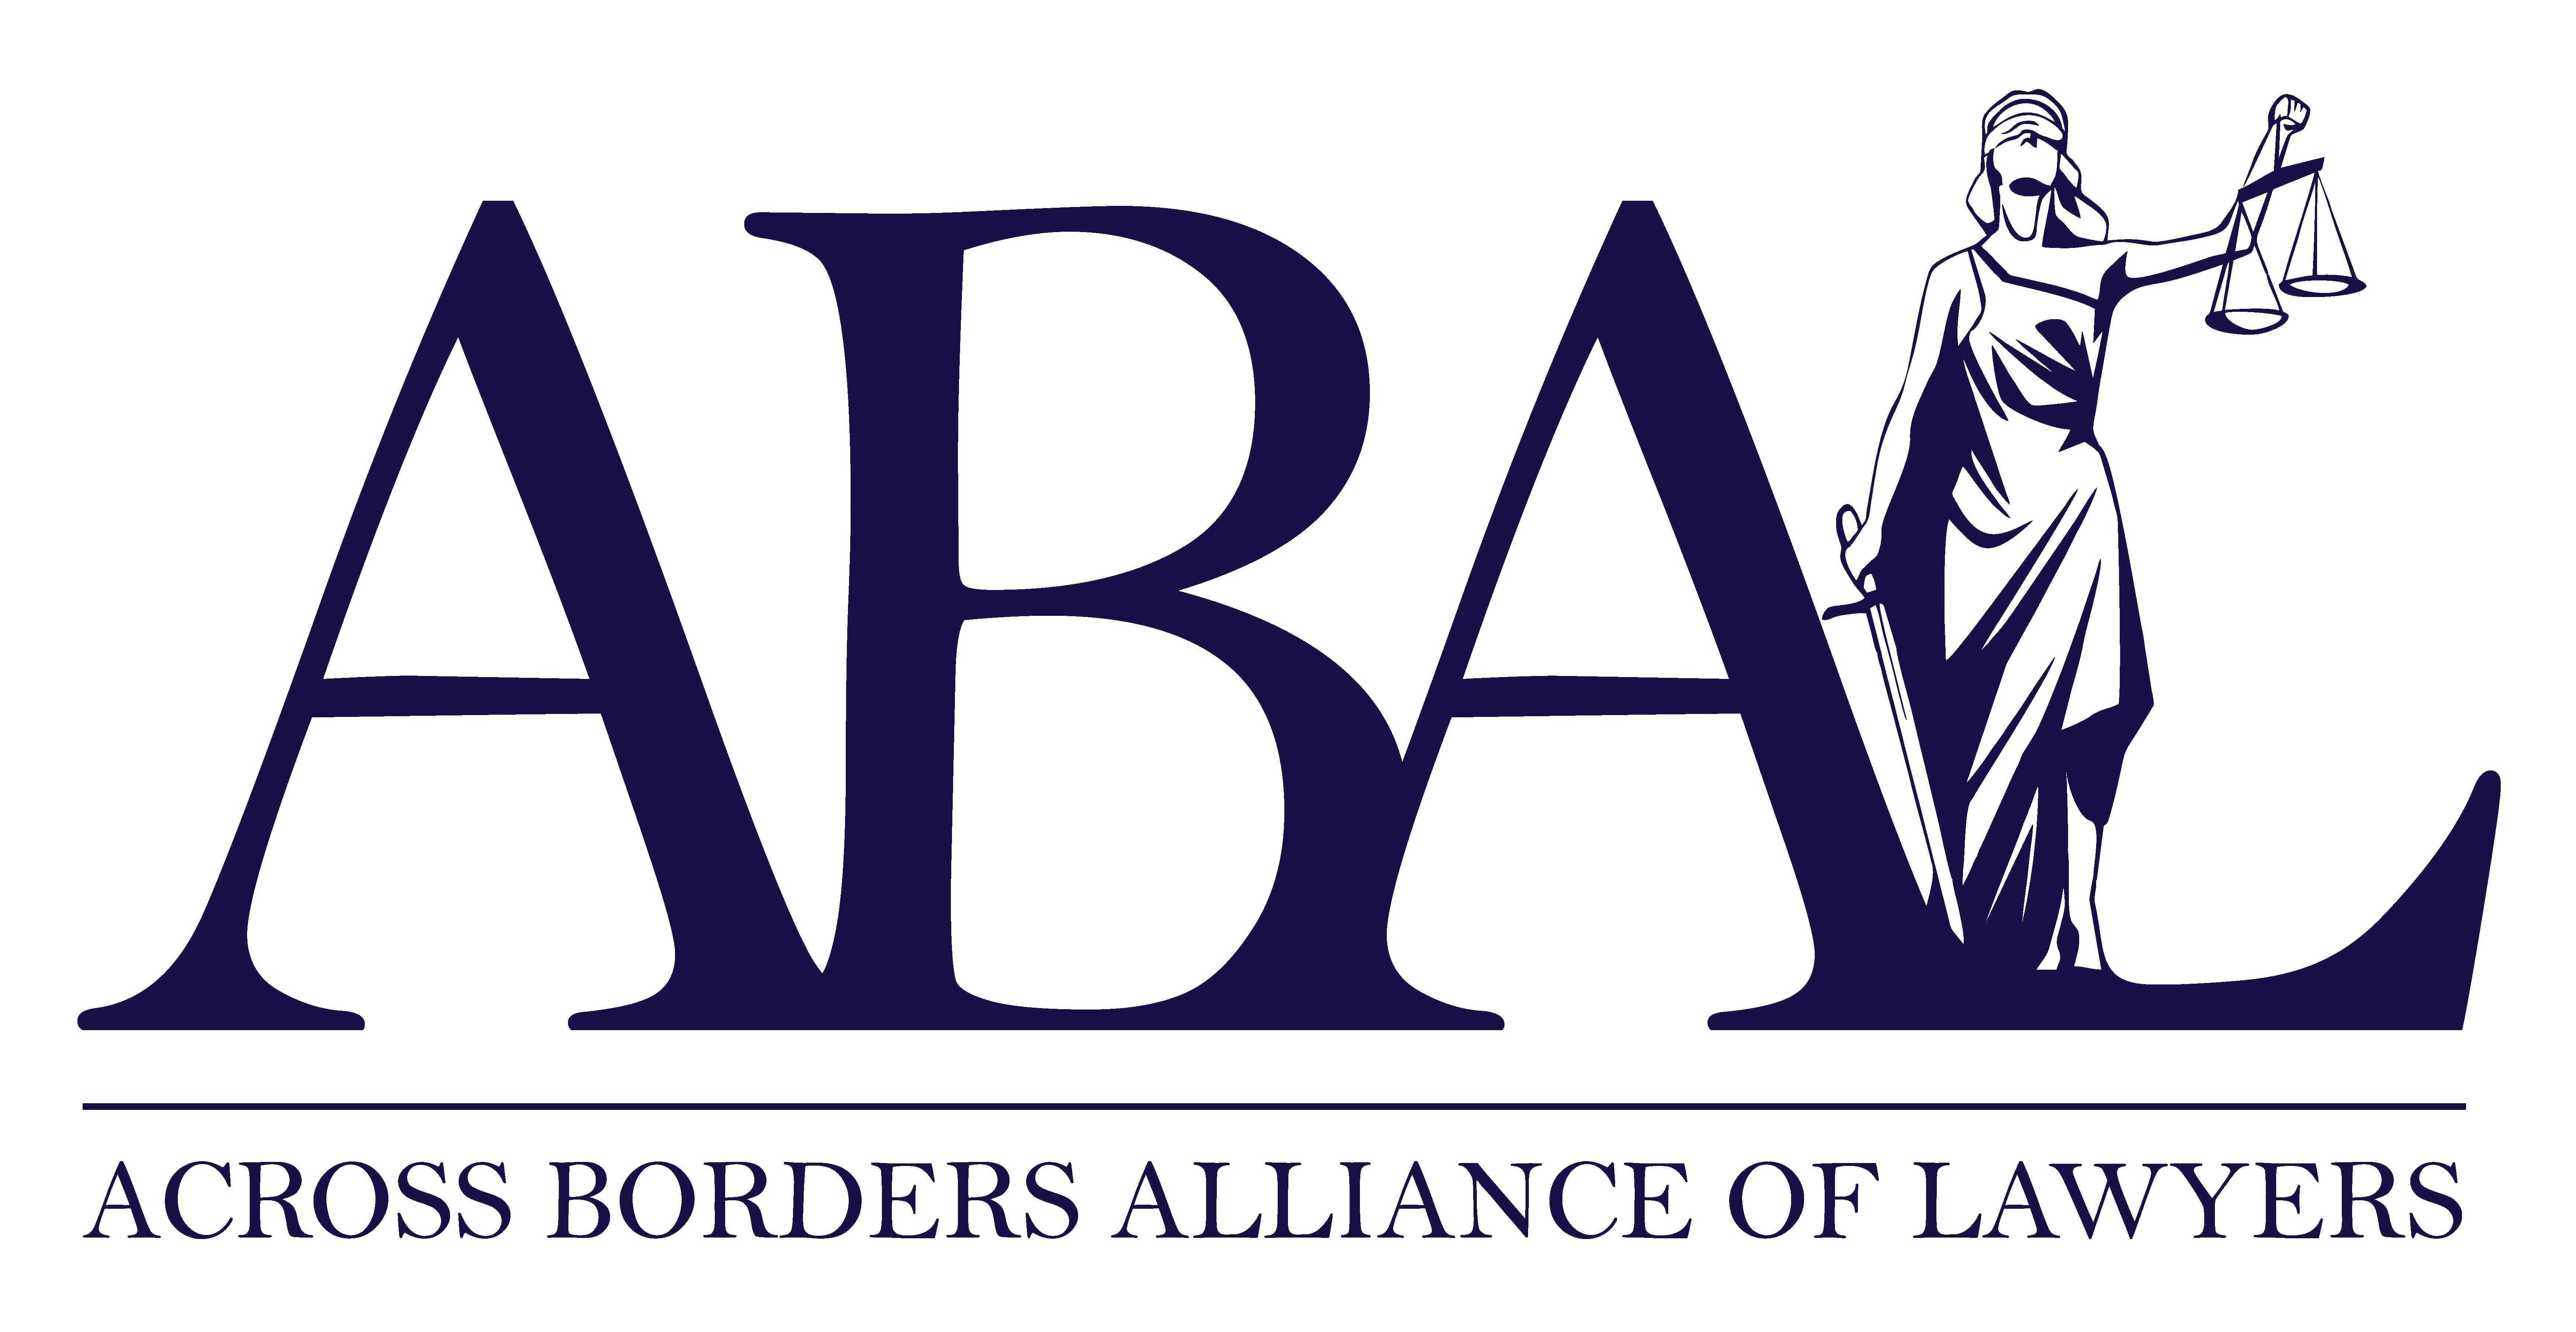 ABAL - Across Borders Alliance of Lawyers